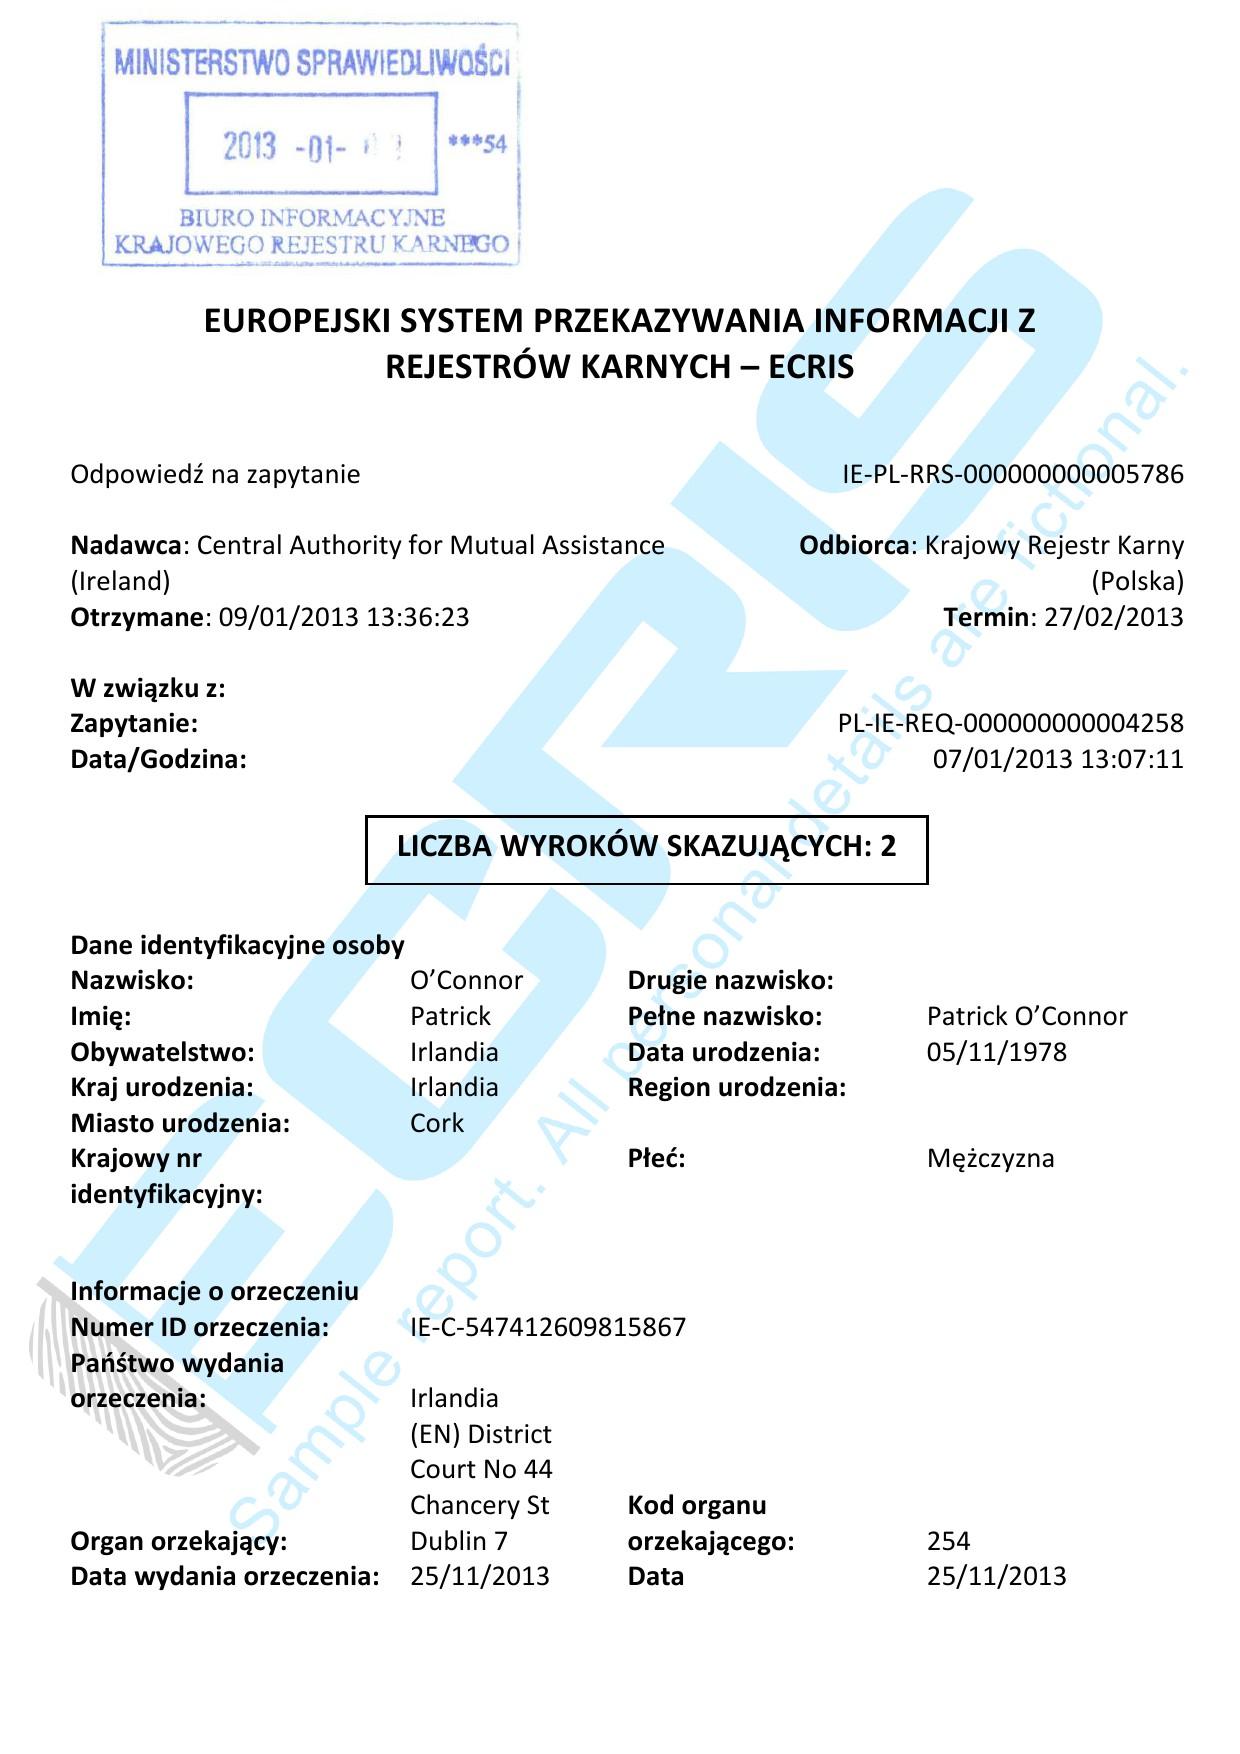 administration crime records pages applicantfingerprintservices